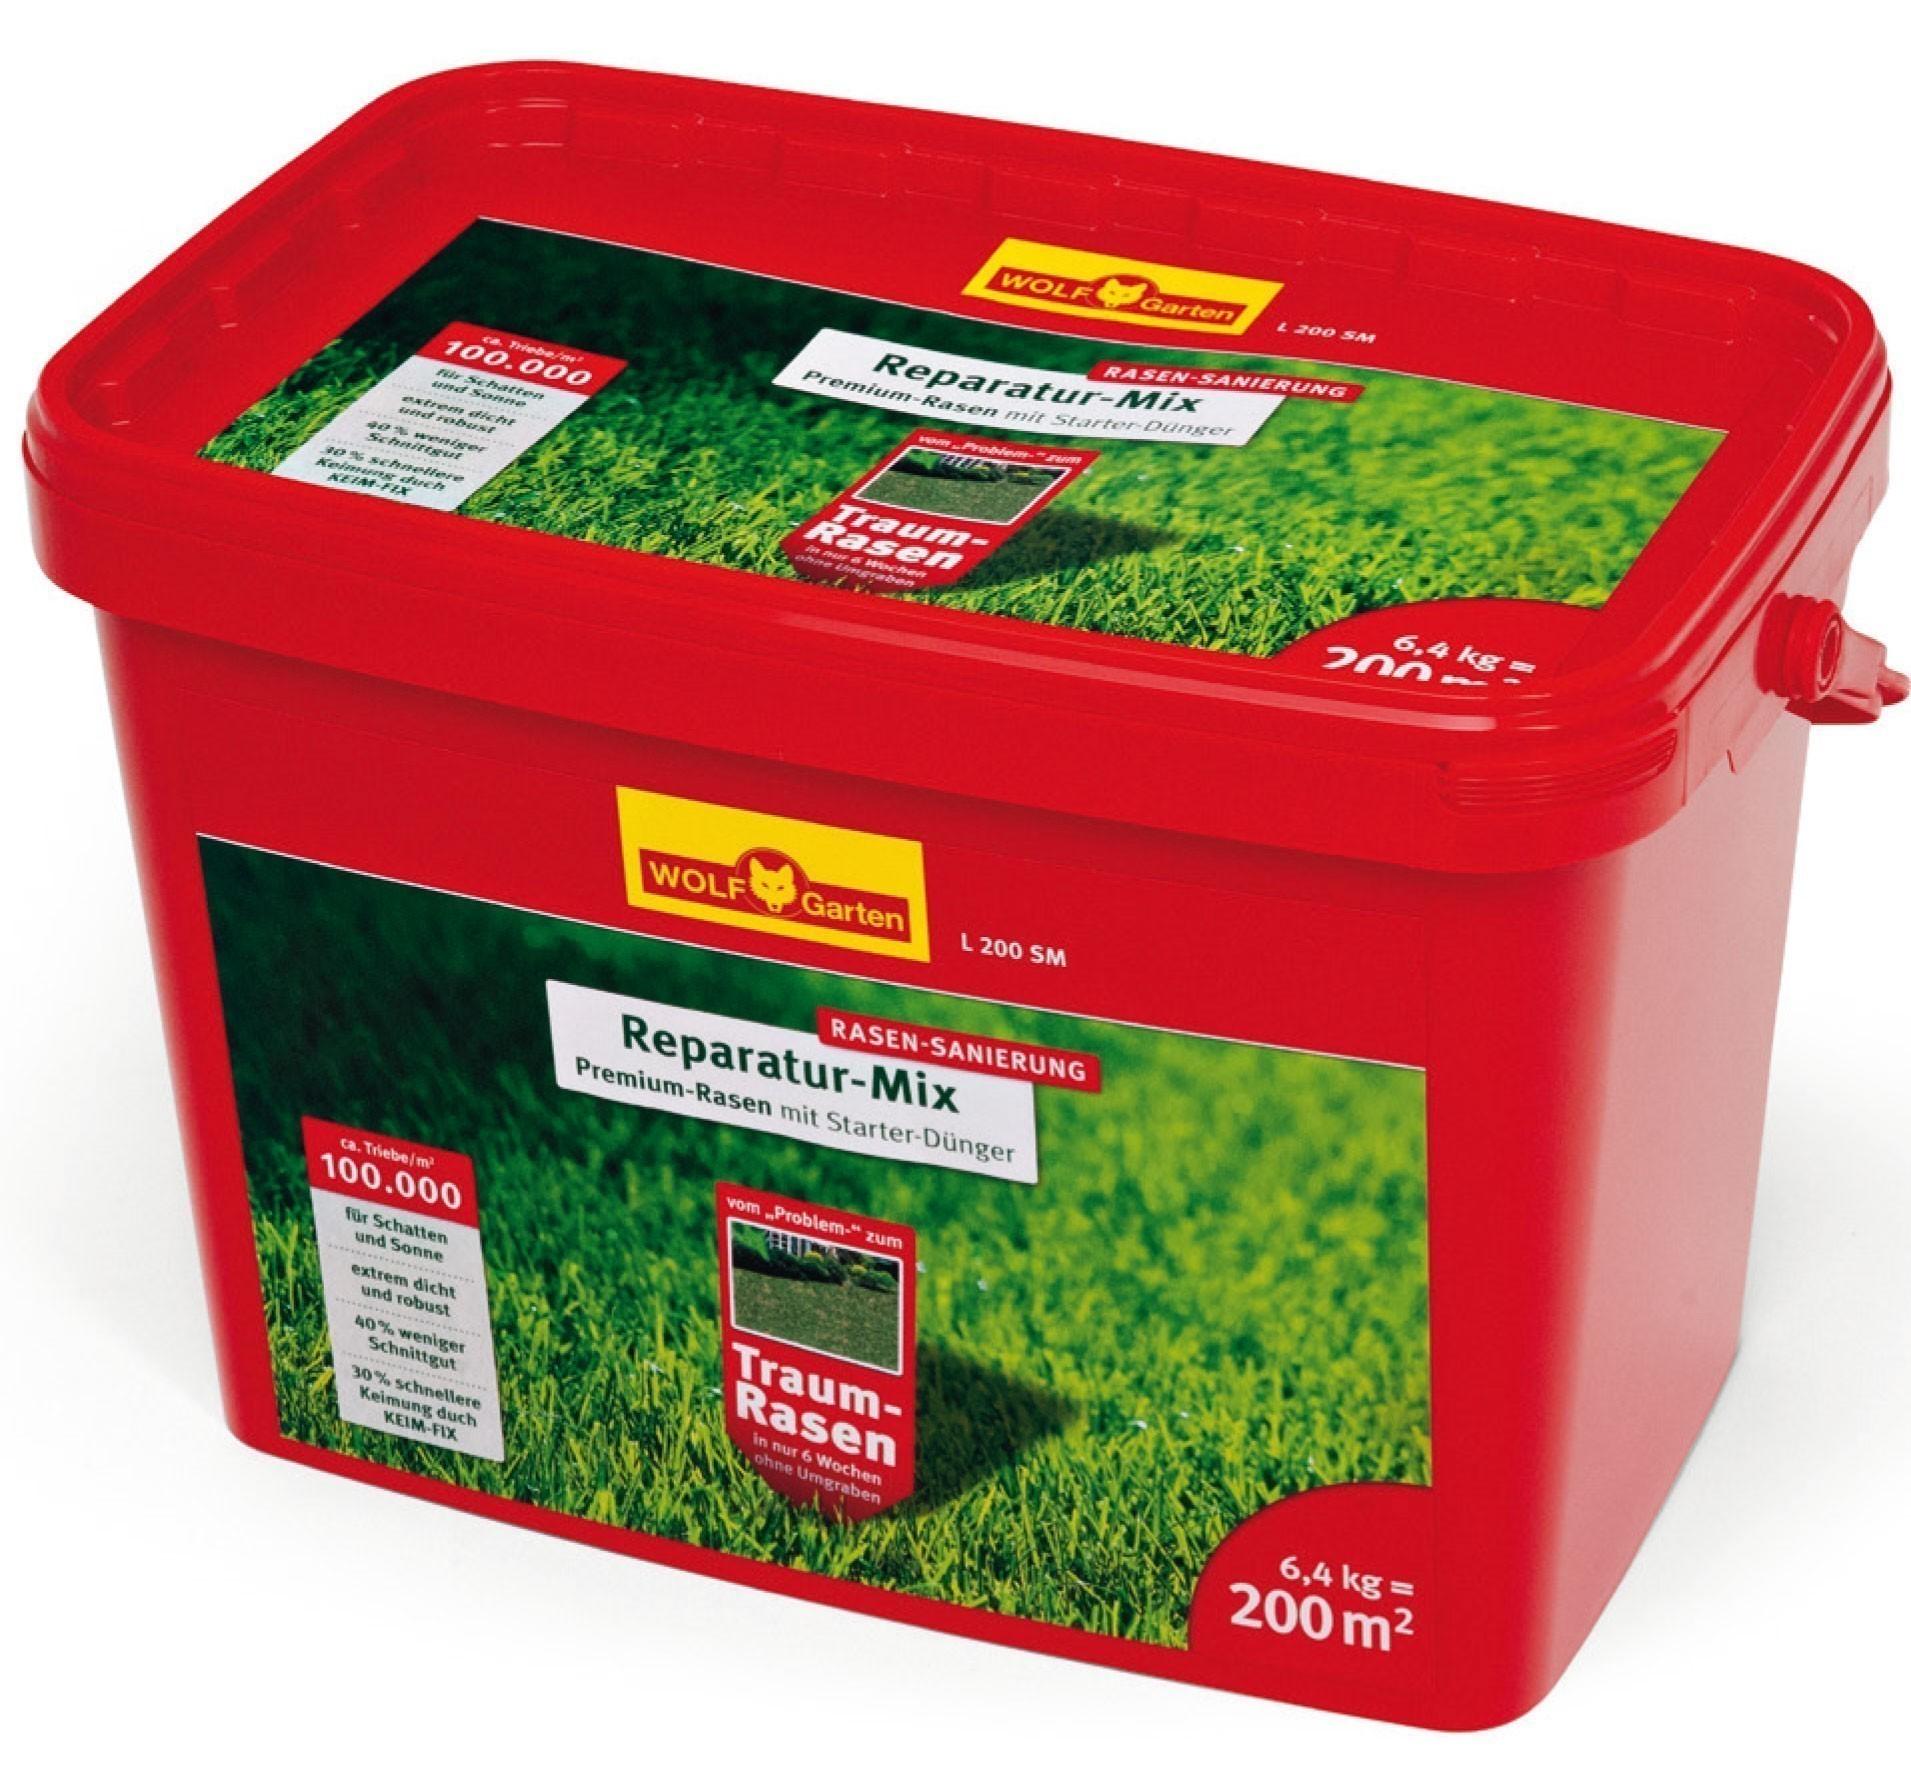 Wolf Garten Premium-Rasen mit Starter Dünger Sanierung L200SM f. 200m² Bild 1